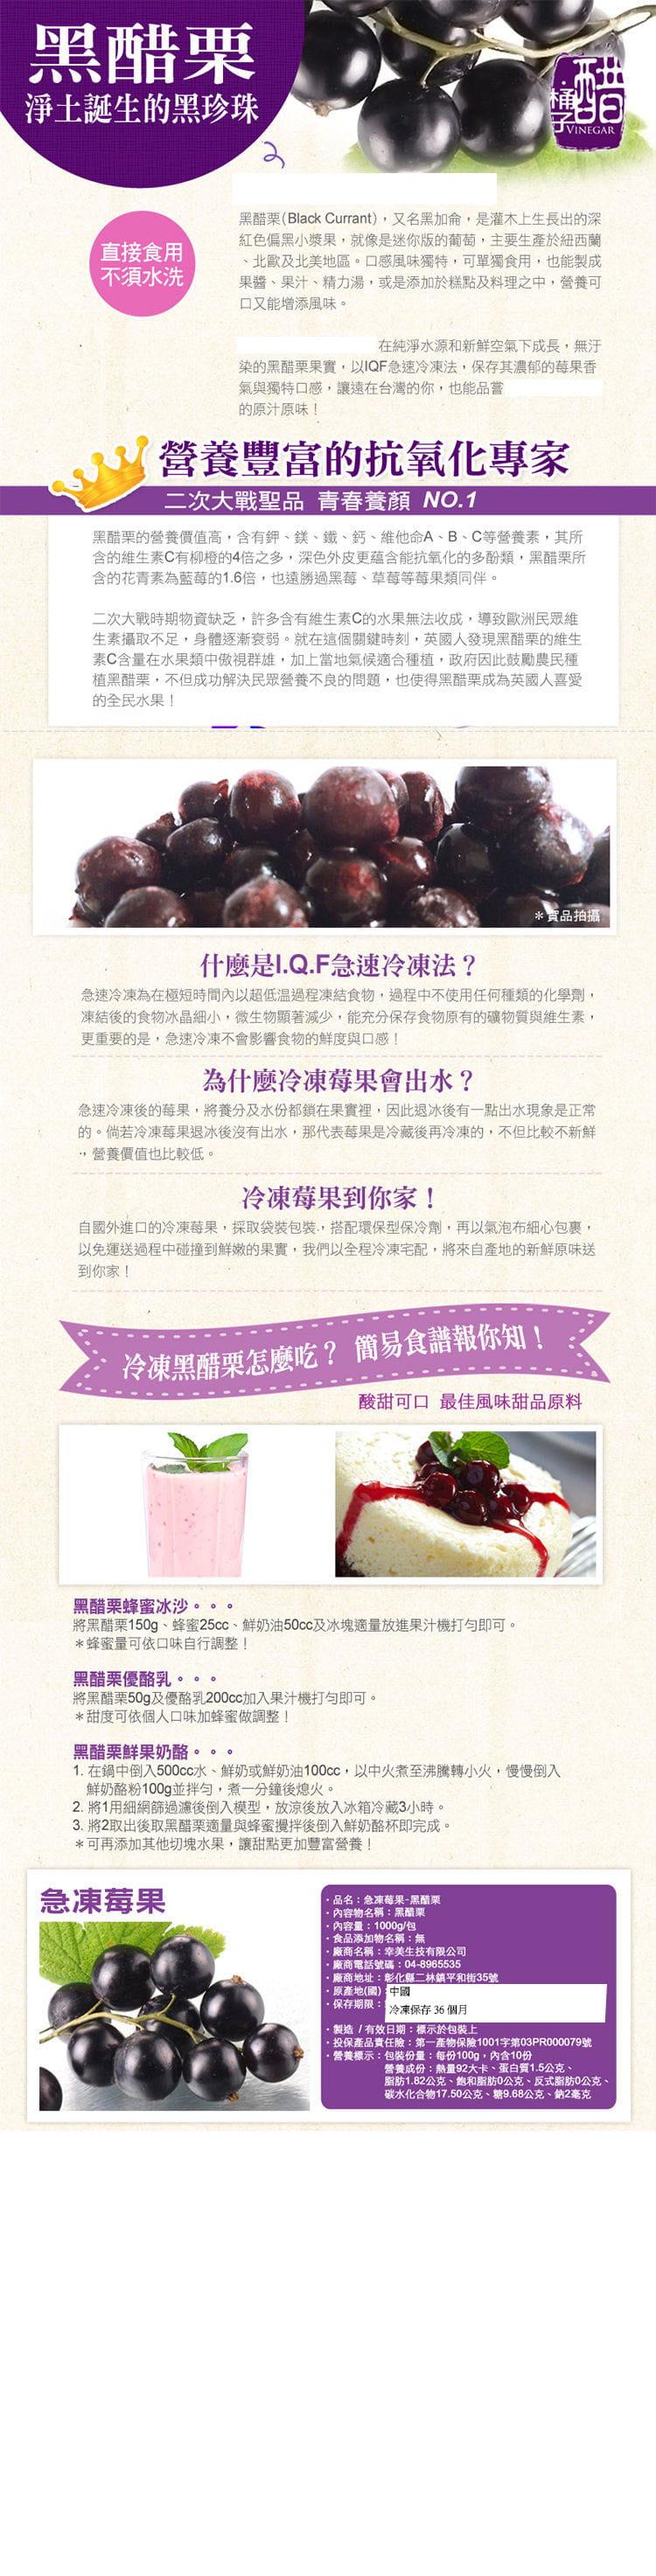 【幸美生技】進口鮮凍花青莓果重量包任選 6